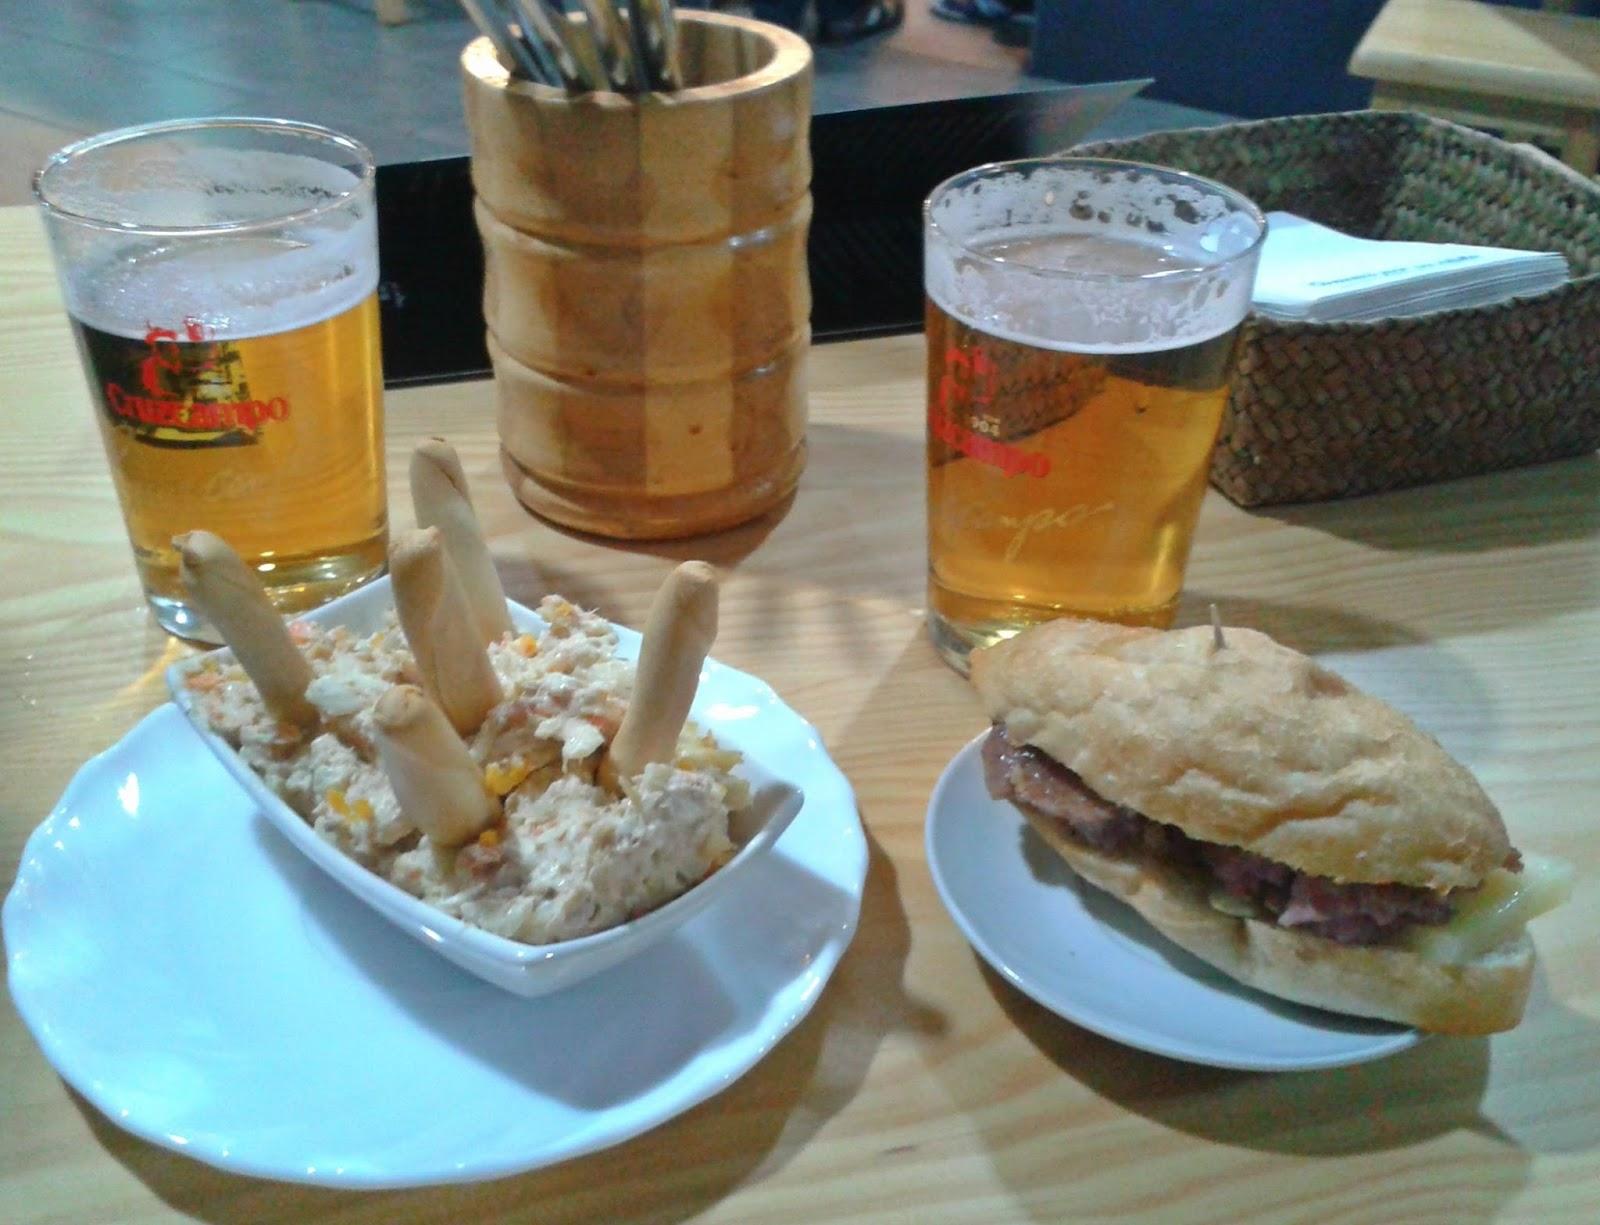 Tapas de ensaladilla rusa y montadito de salchicha